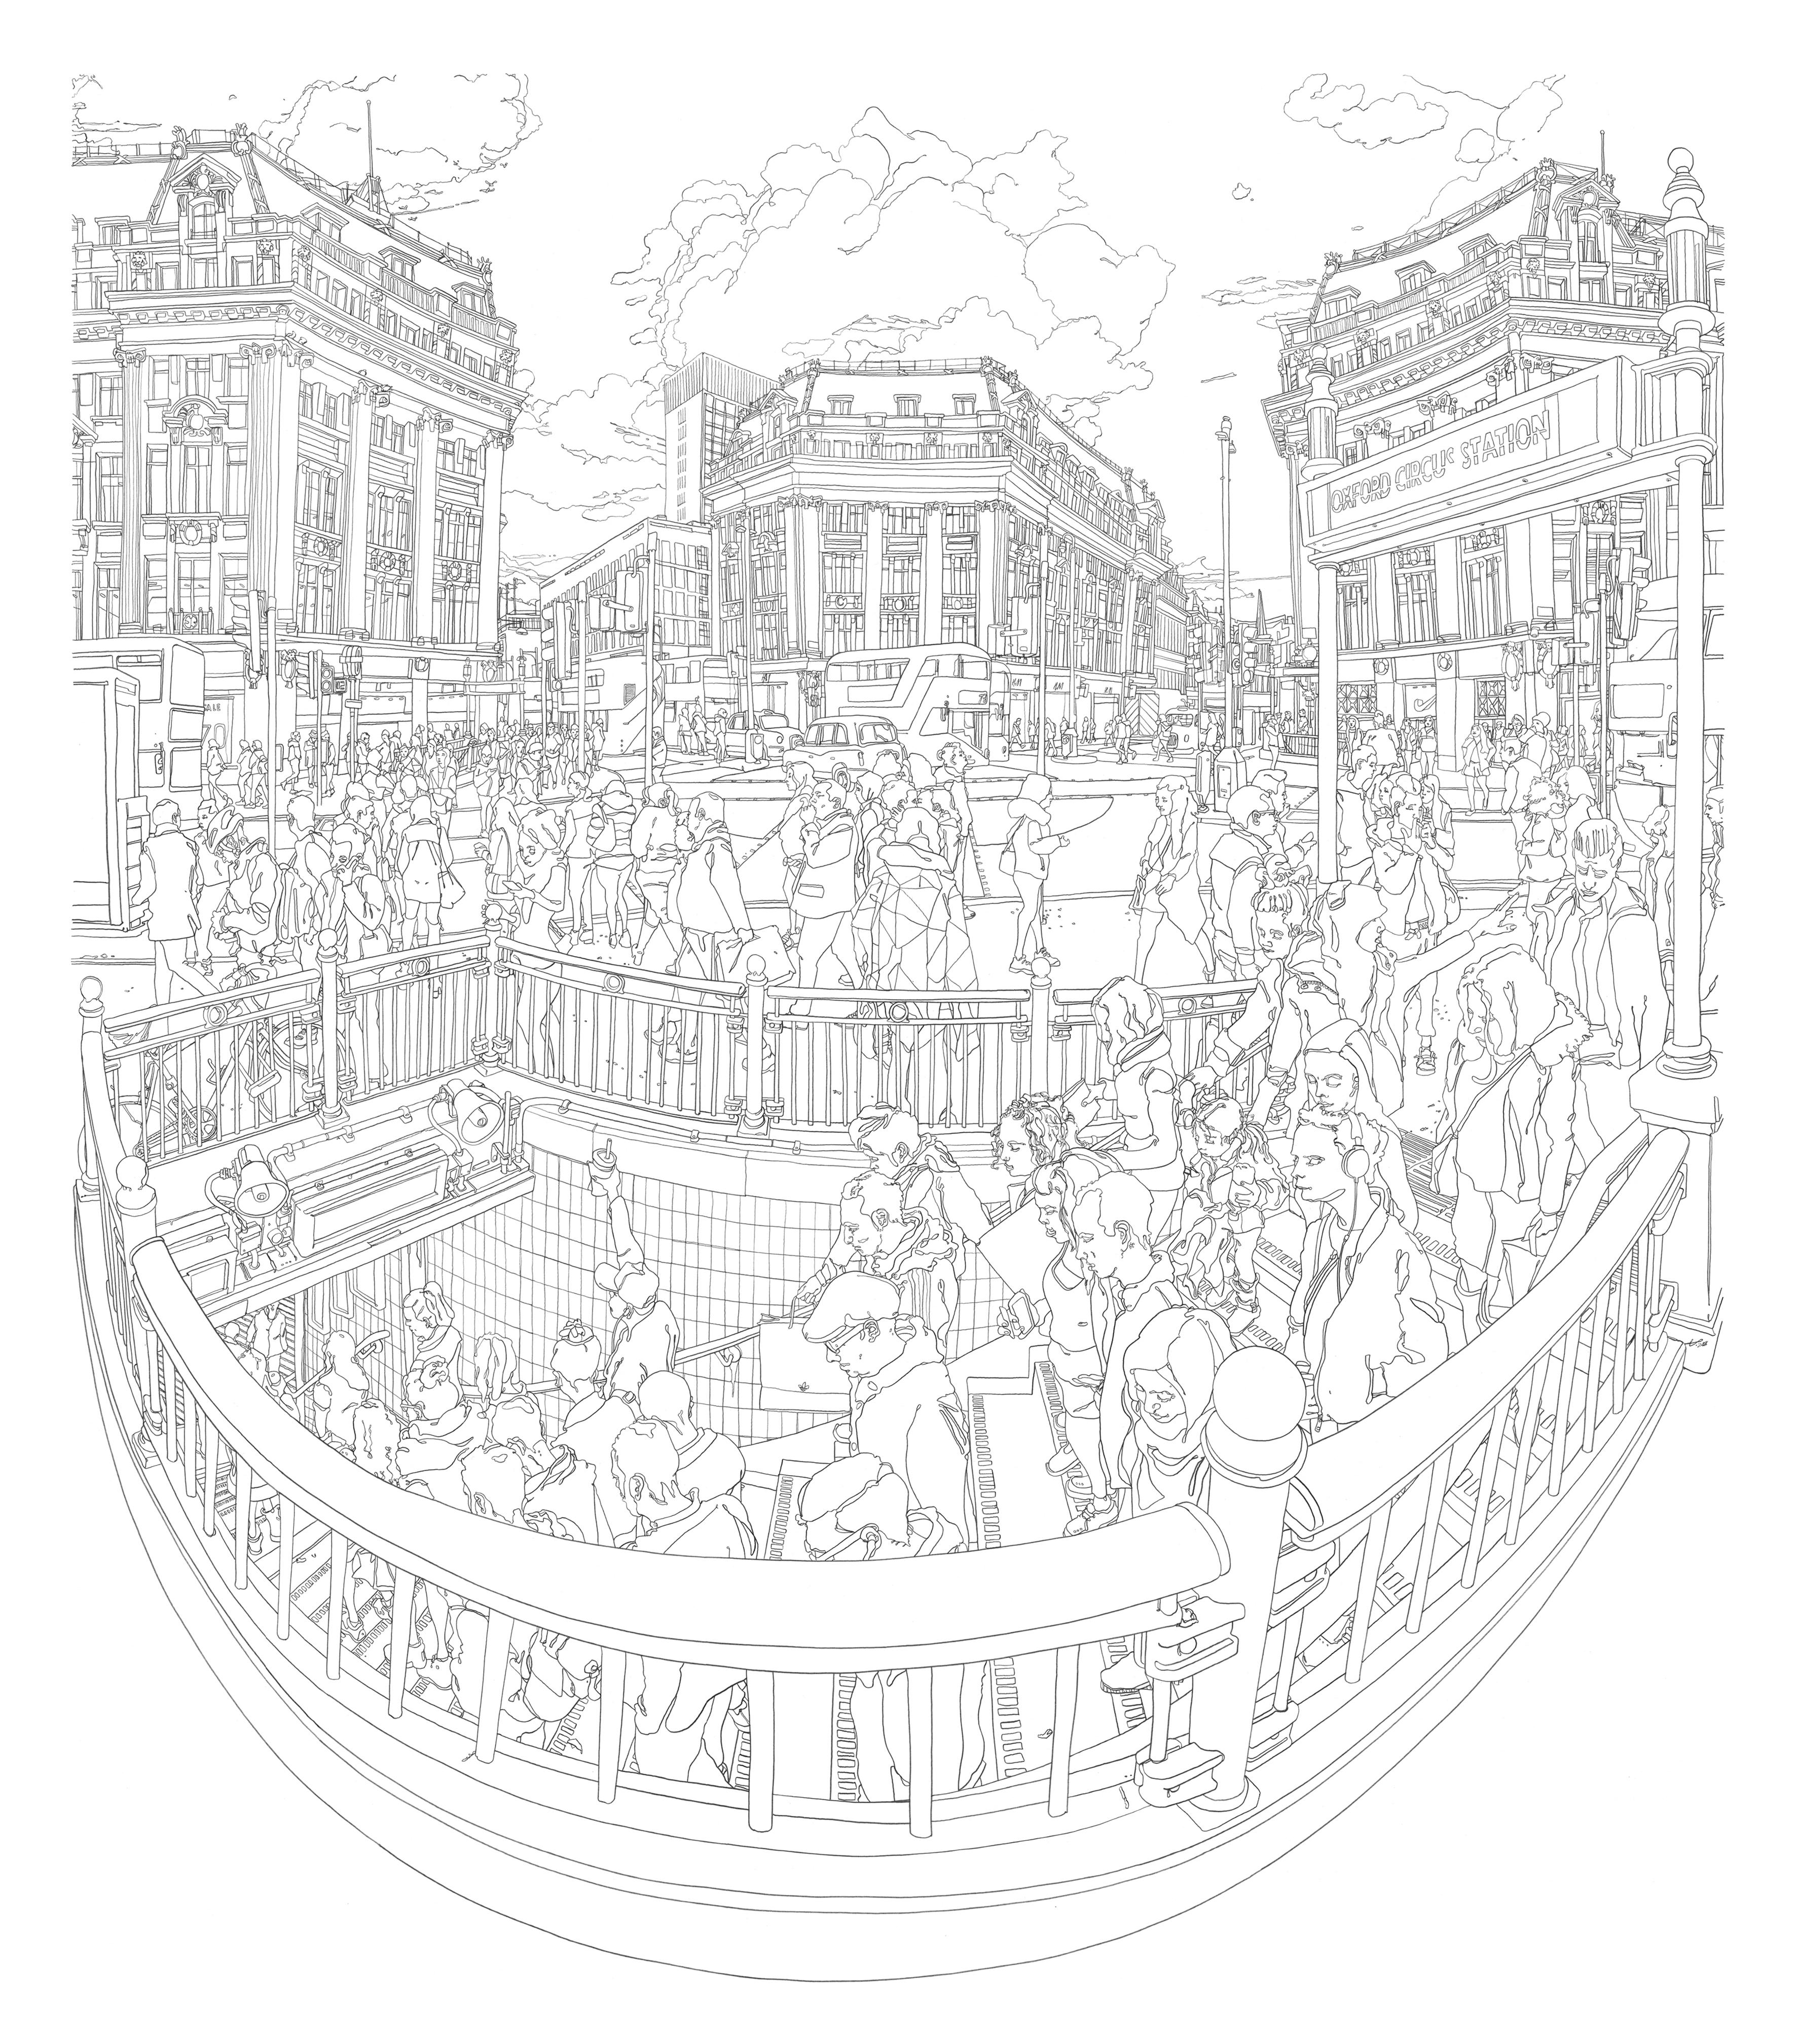 OxfordStreet_TommyPenton_a